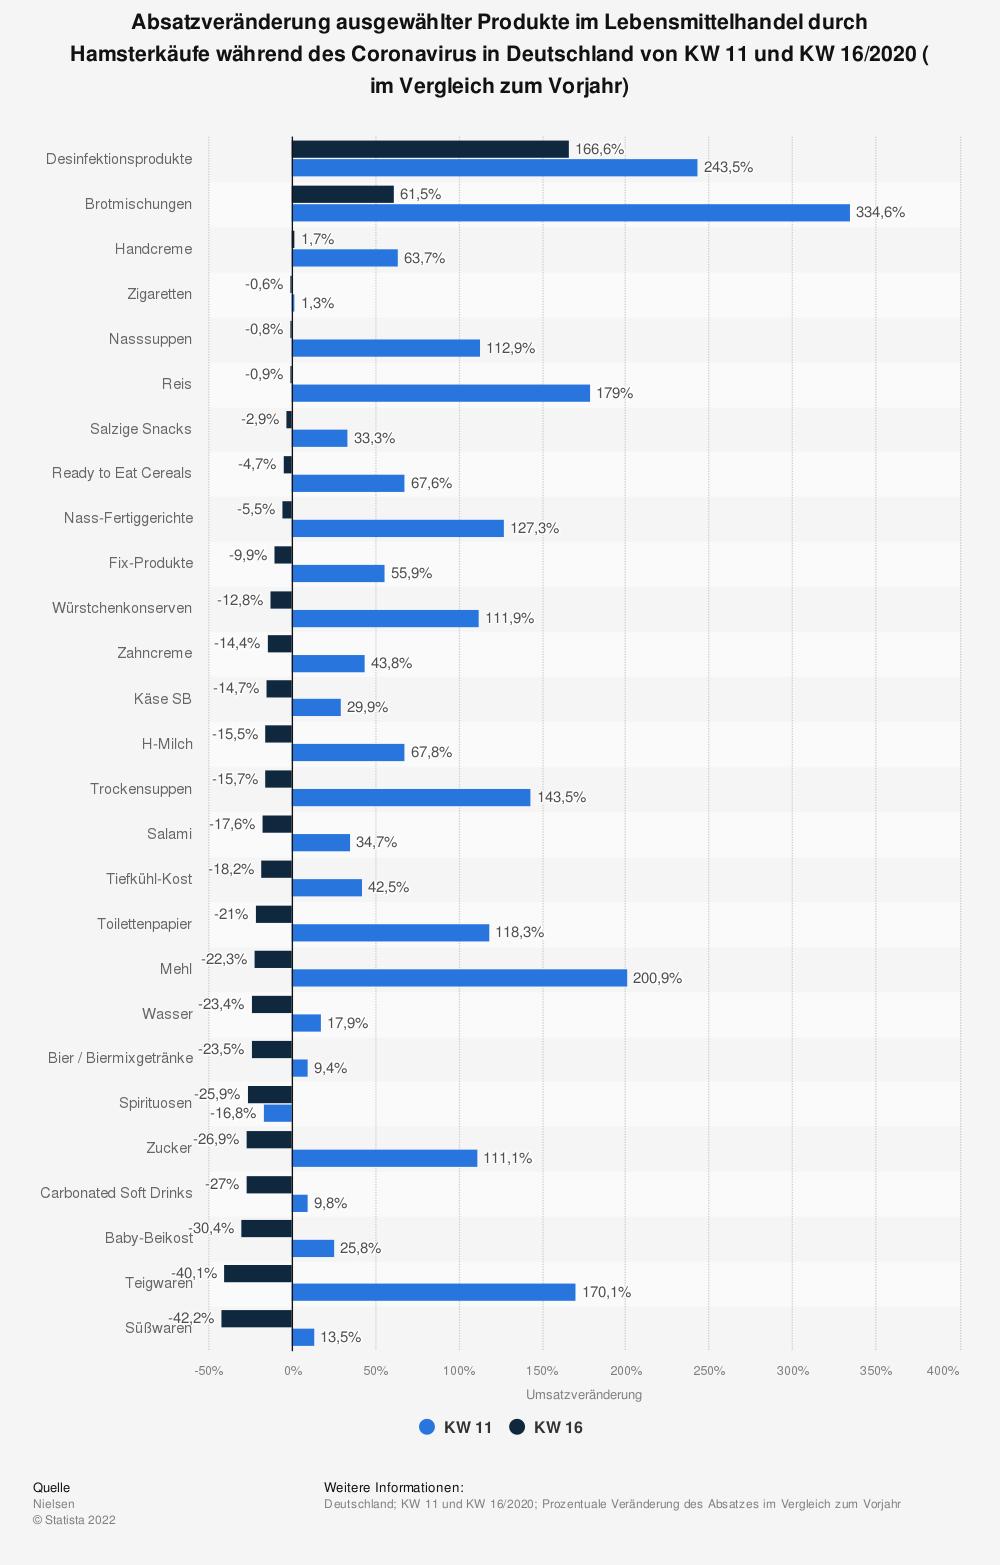 Statistik: Absatzveränderung ausgewählter Produkte im Lebensmittelhandel durch Hamsterkäufe während des Coronavirus in Deutschland von KW 11 und KW 16/2020 ( im Vergleich zum Vorjahr)   Statista